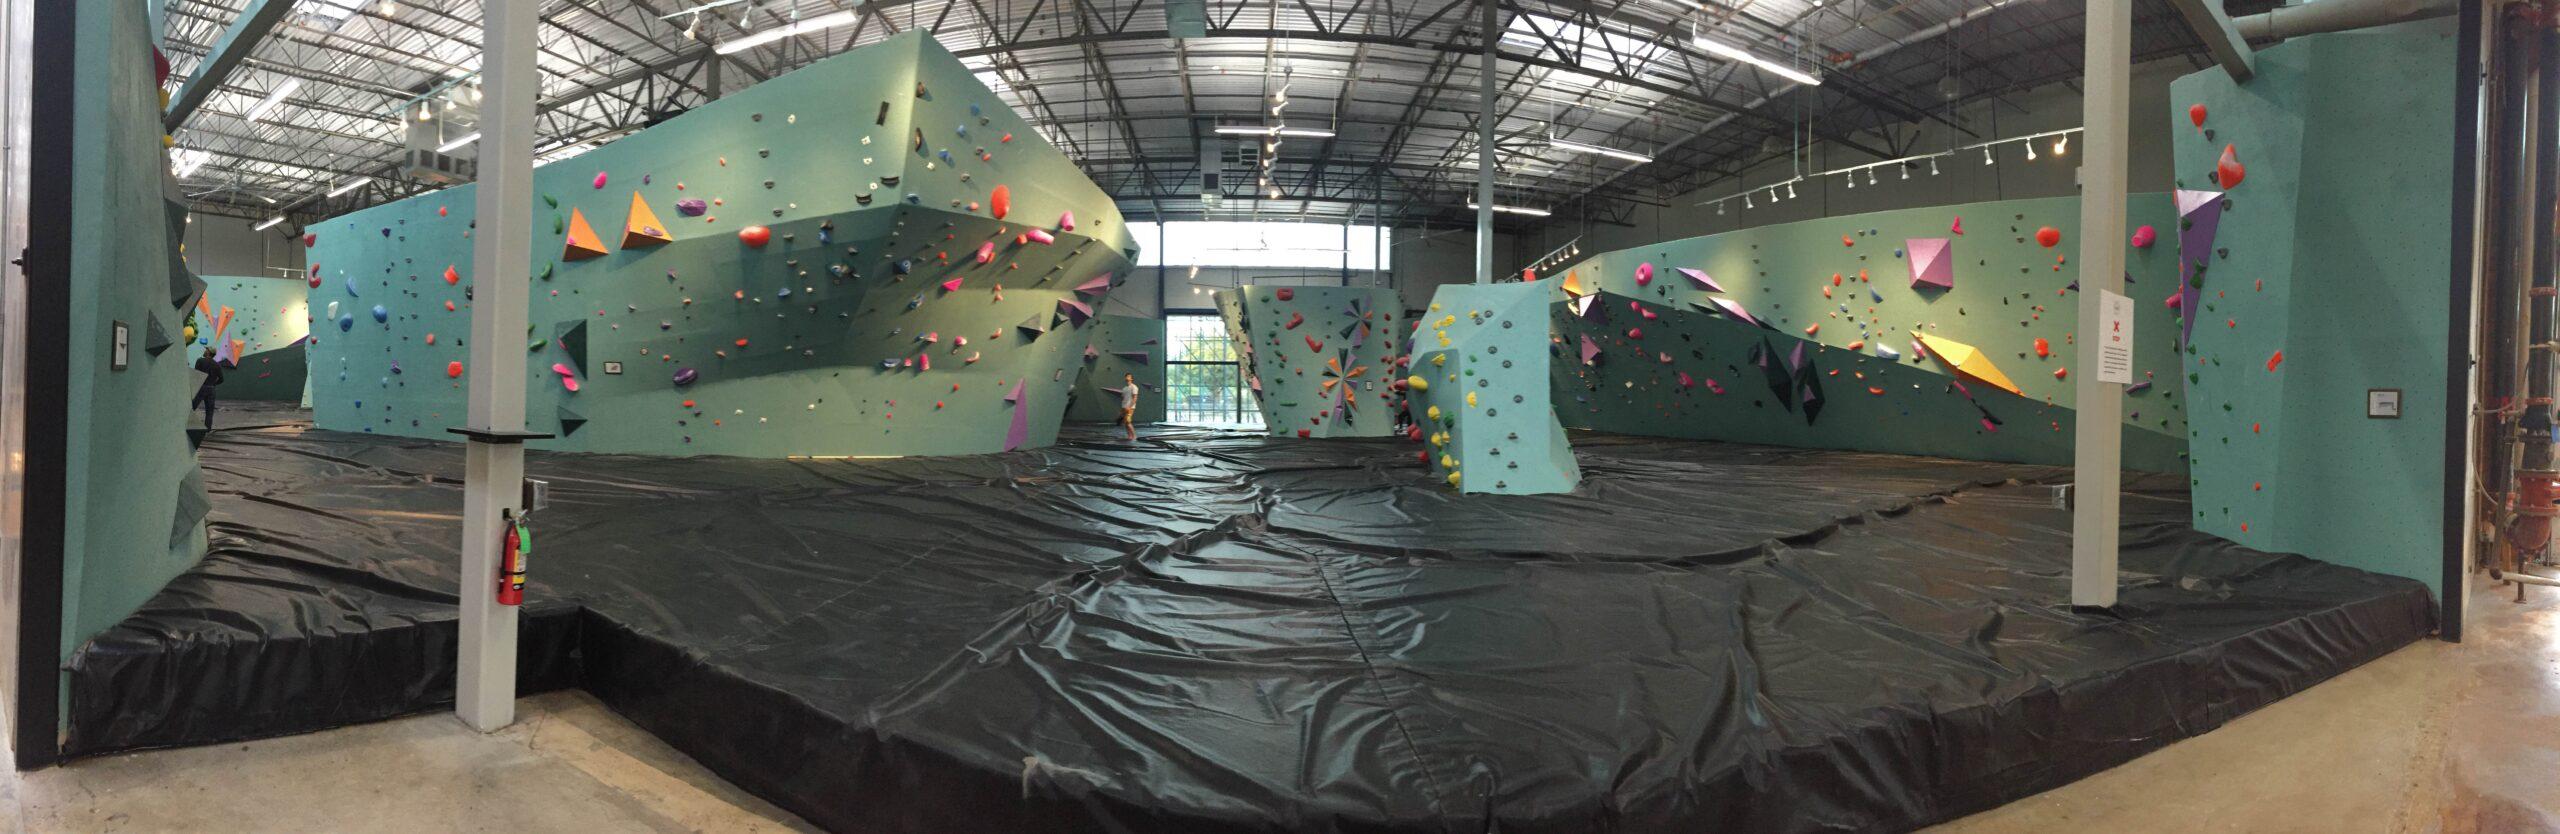 Indoor Fun Austin Bouldering